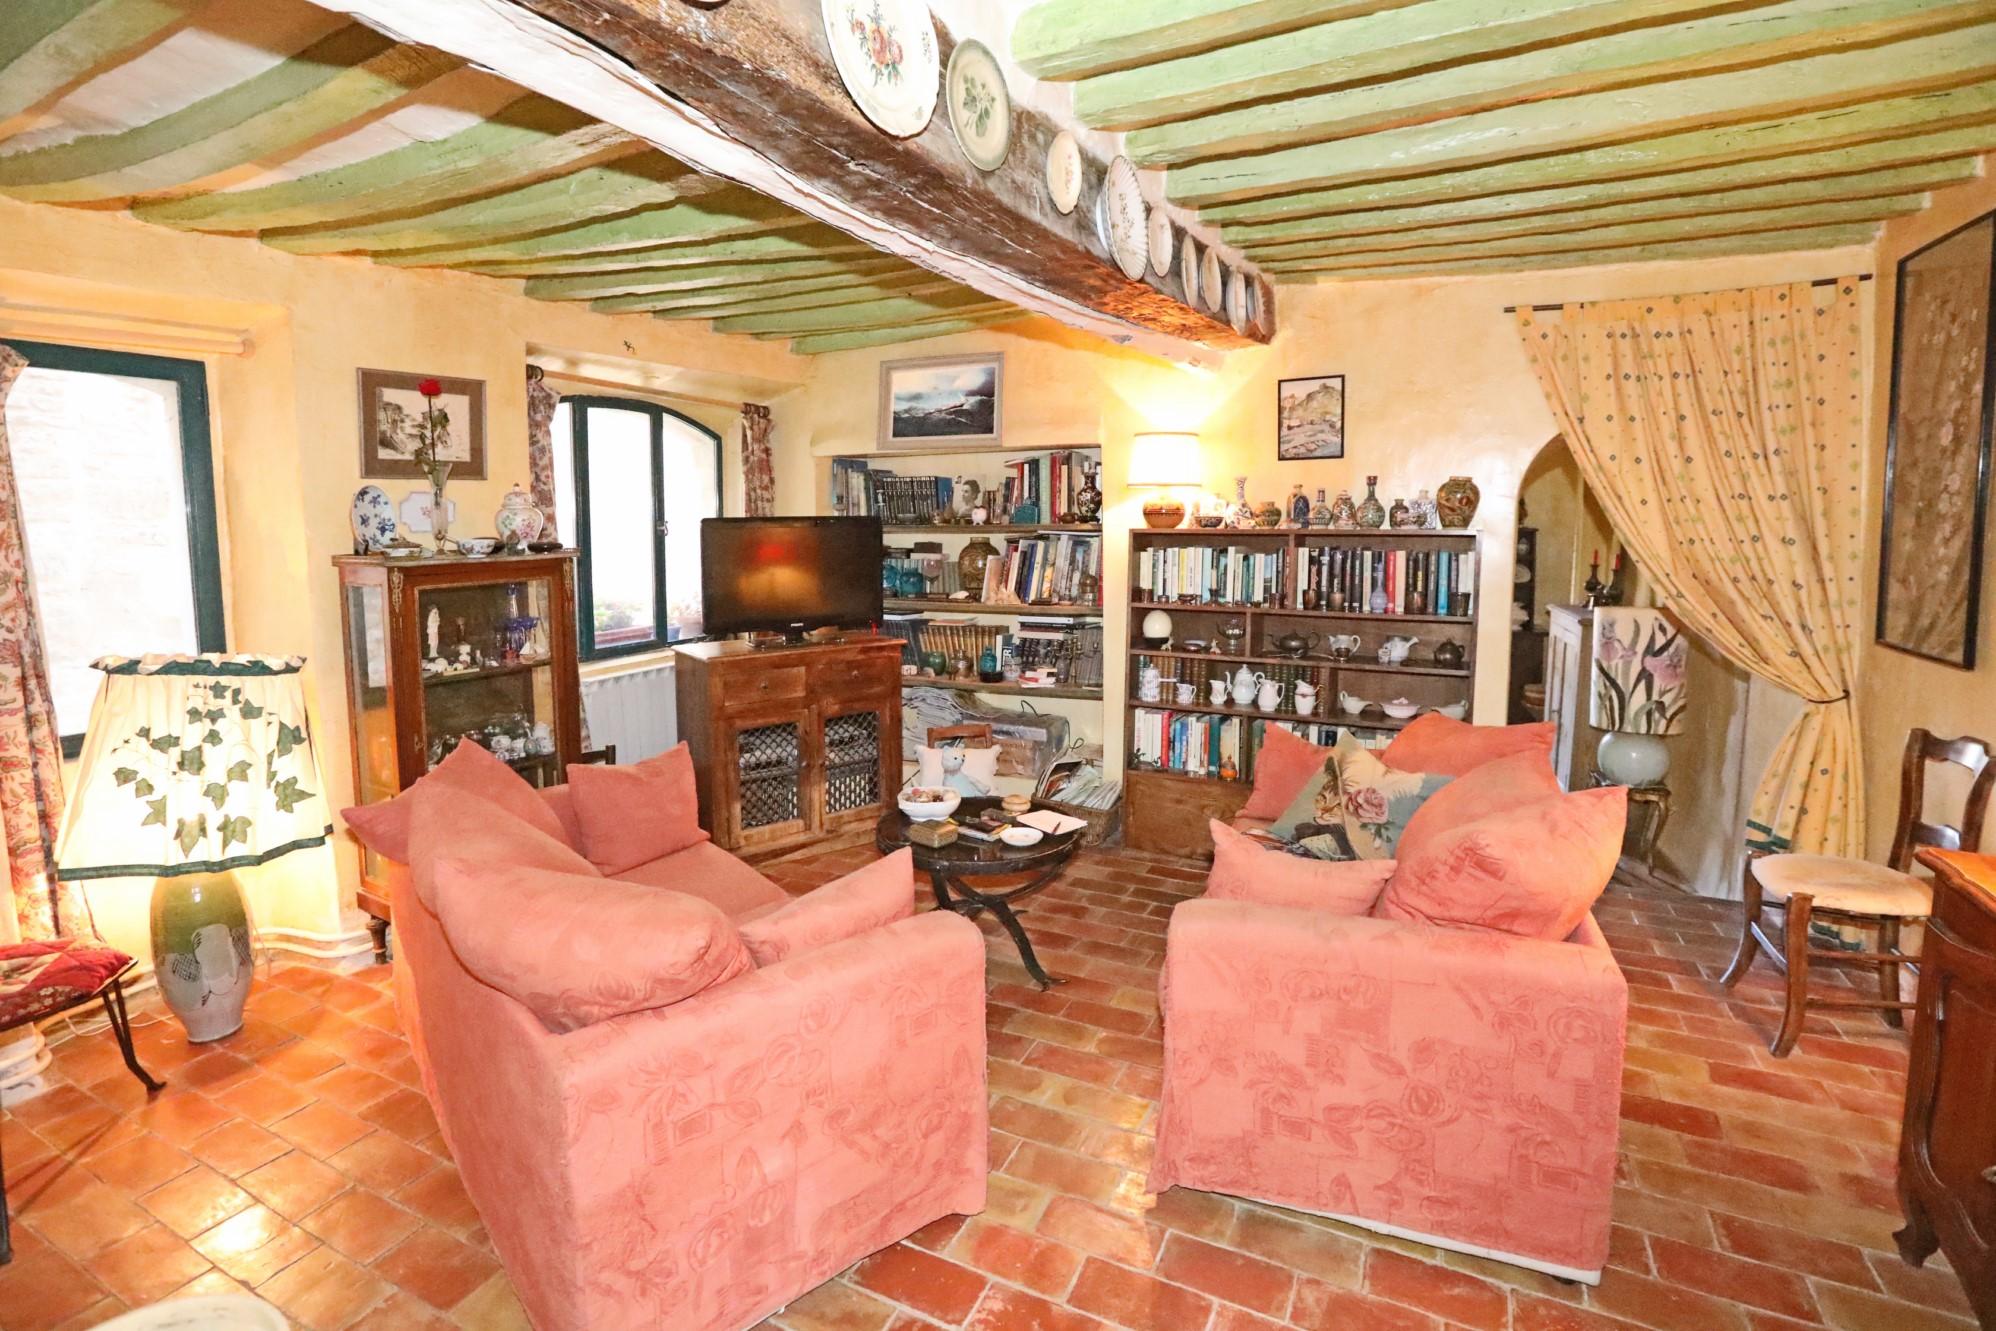 Maison avec restaurant en vente dans un très beau village du Luberon